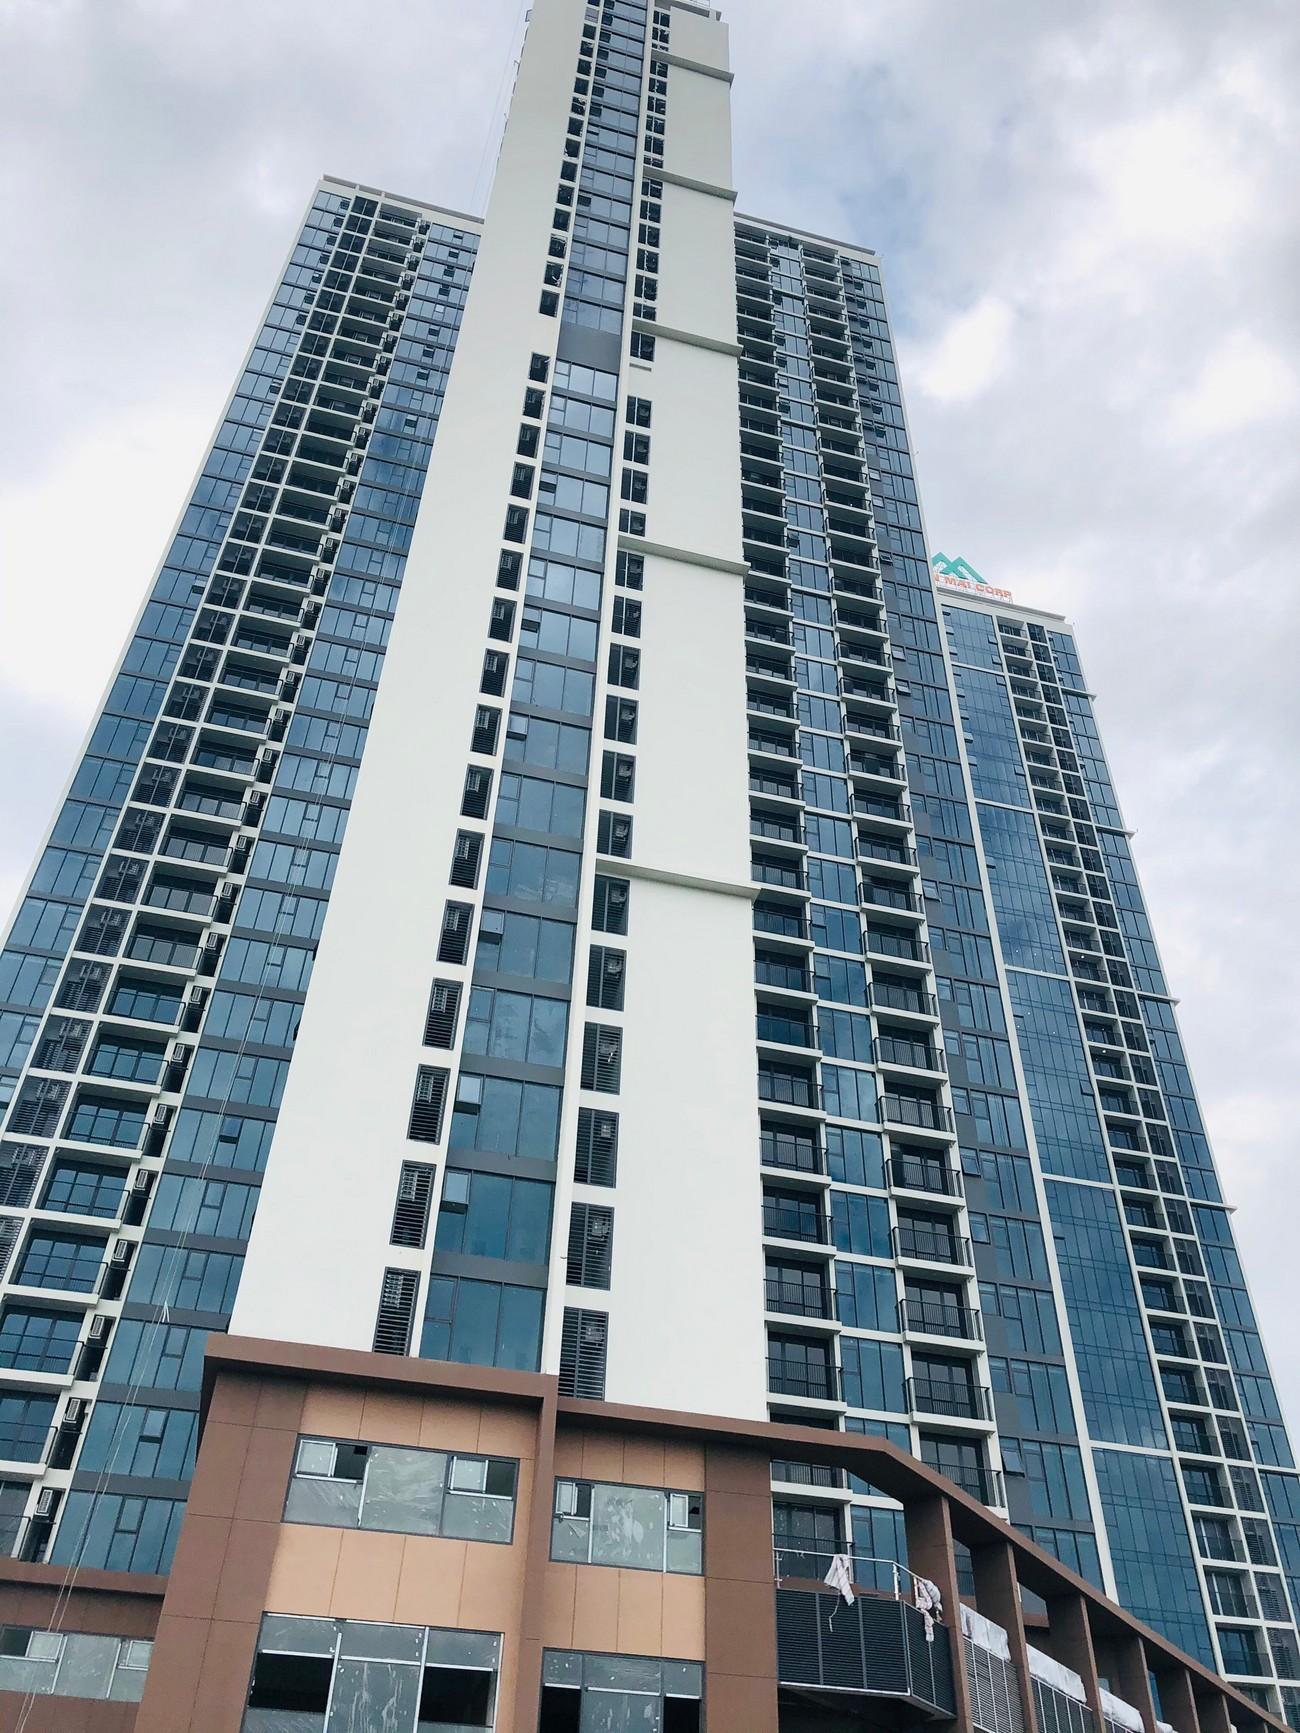 Tiến độ Eco Green Sài Gòn dự án căn hộ chung cư cao cấp quận 7 tháng 08/2020